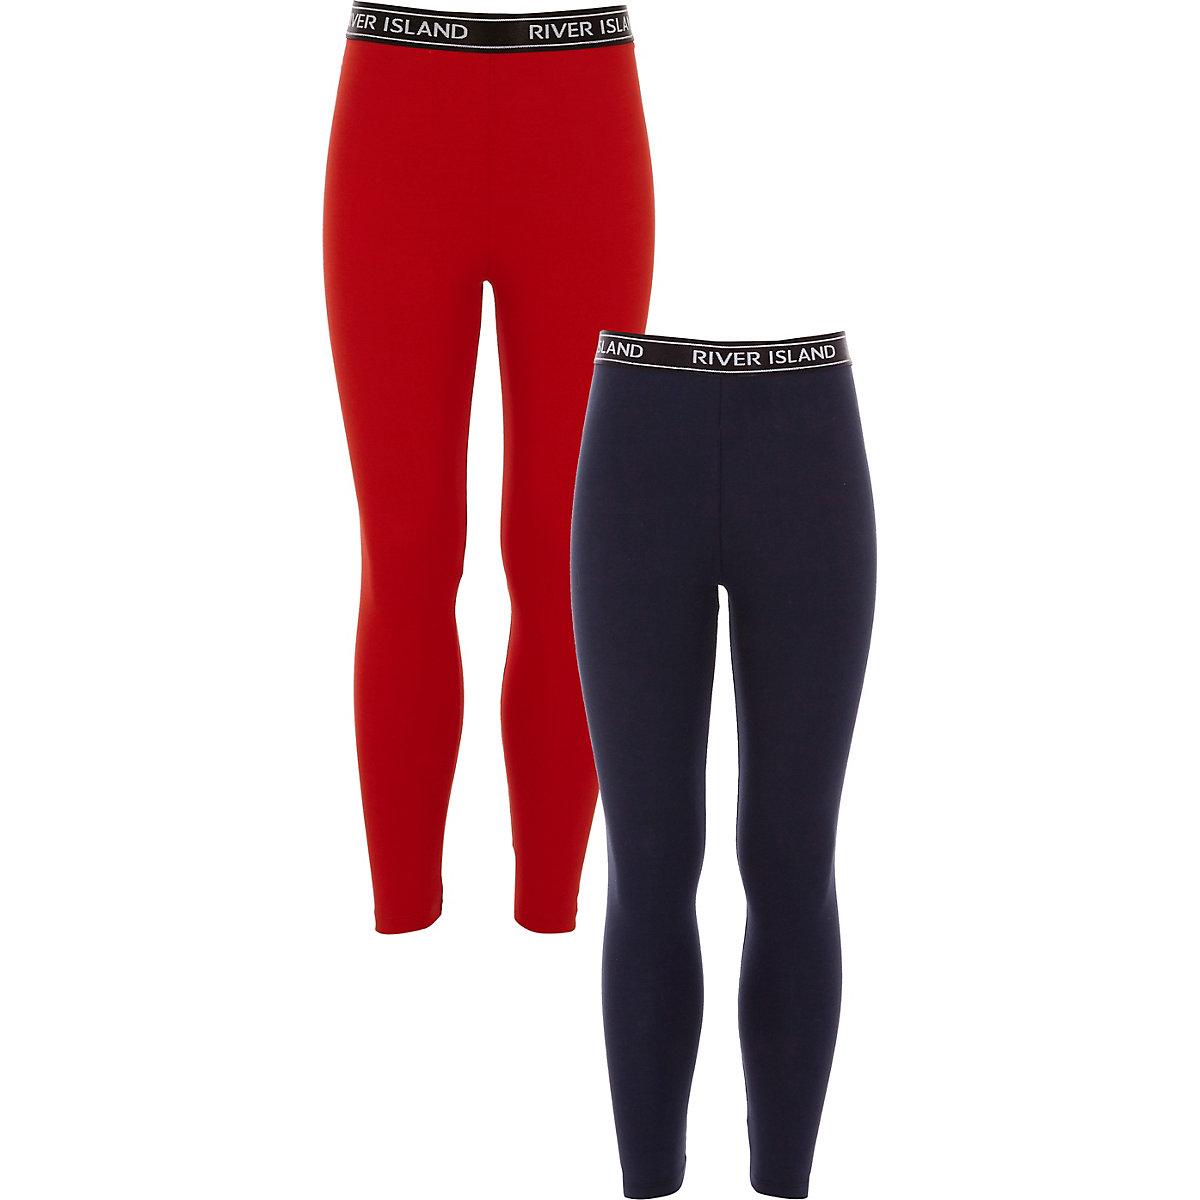 Leggings in Marineblau und Rot, Set